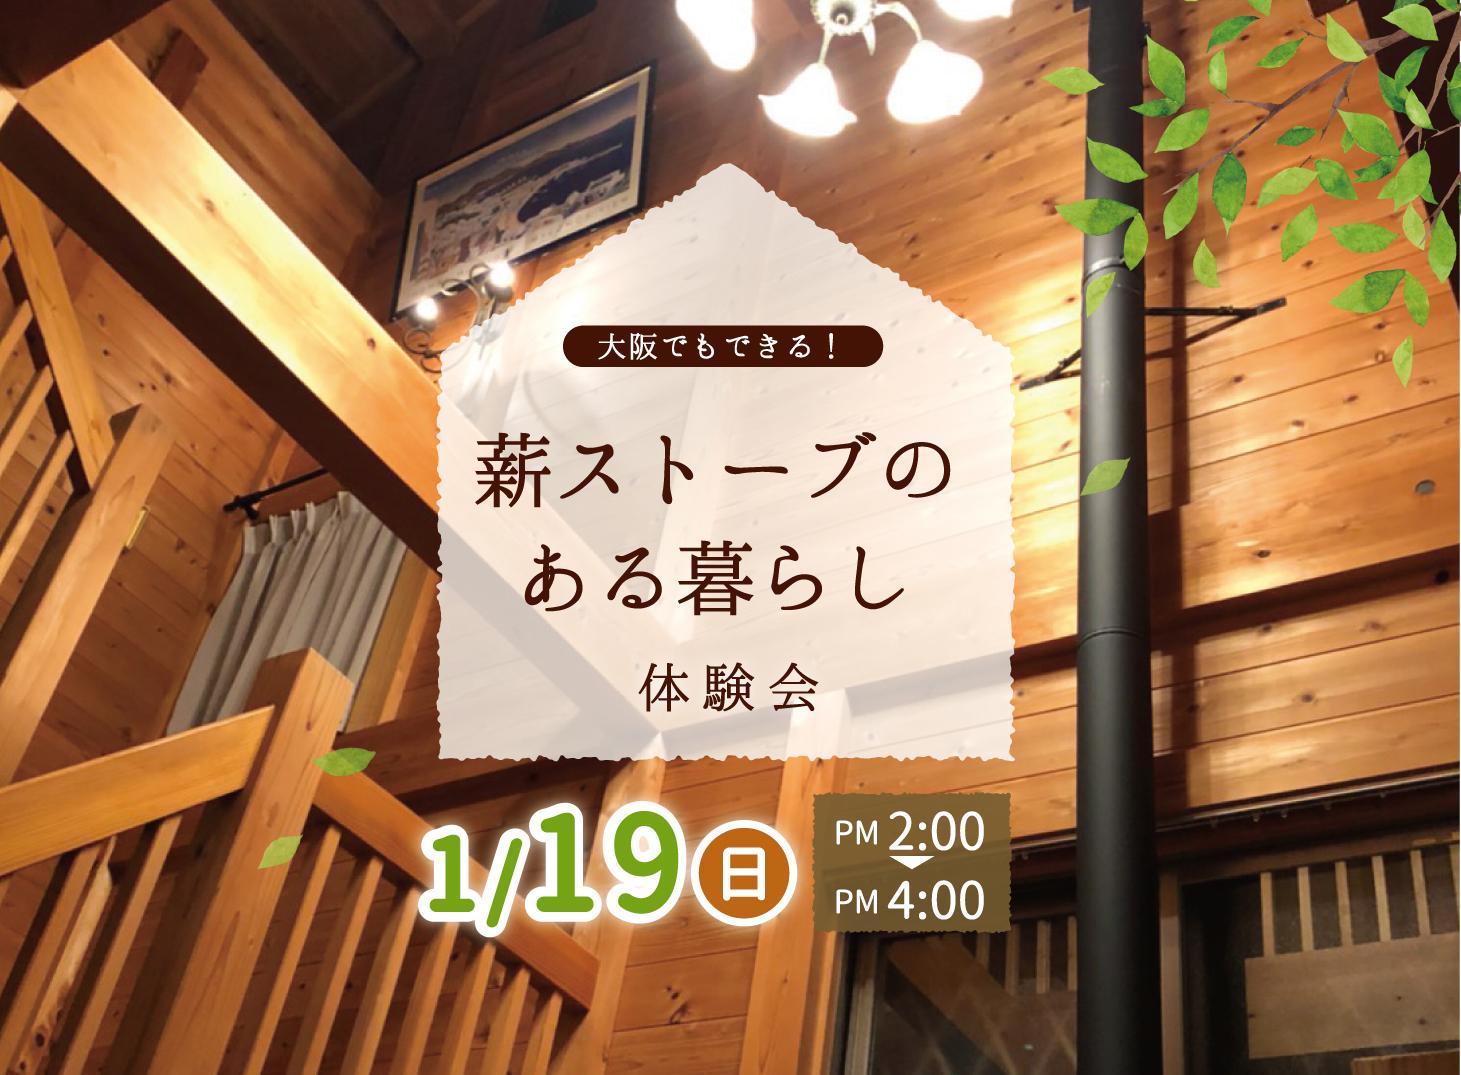 大阪でもできる、薪ストーブのある暮らし体験会